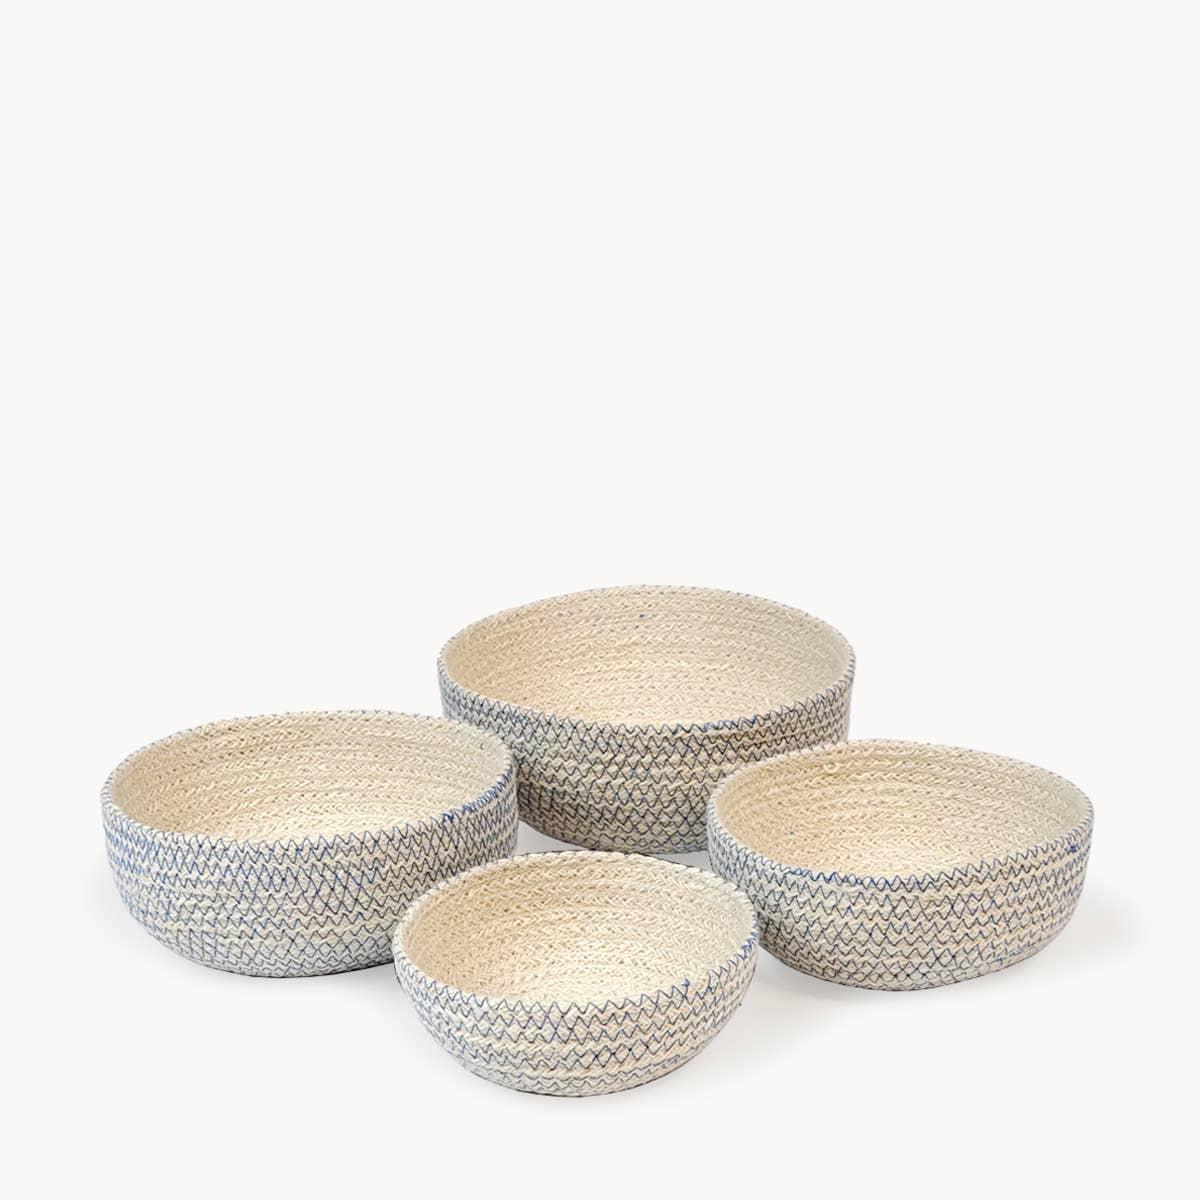 Amari Round Bowl - Blue (Set of 4) | Trada Marketplace